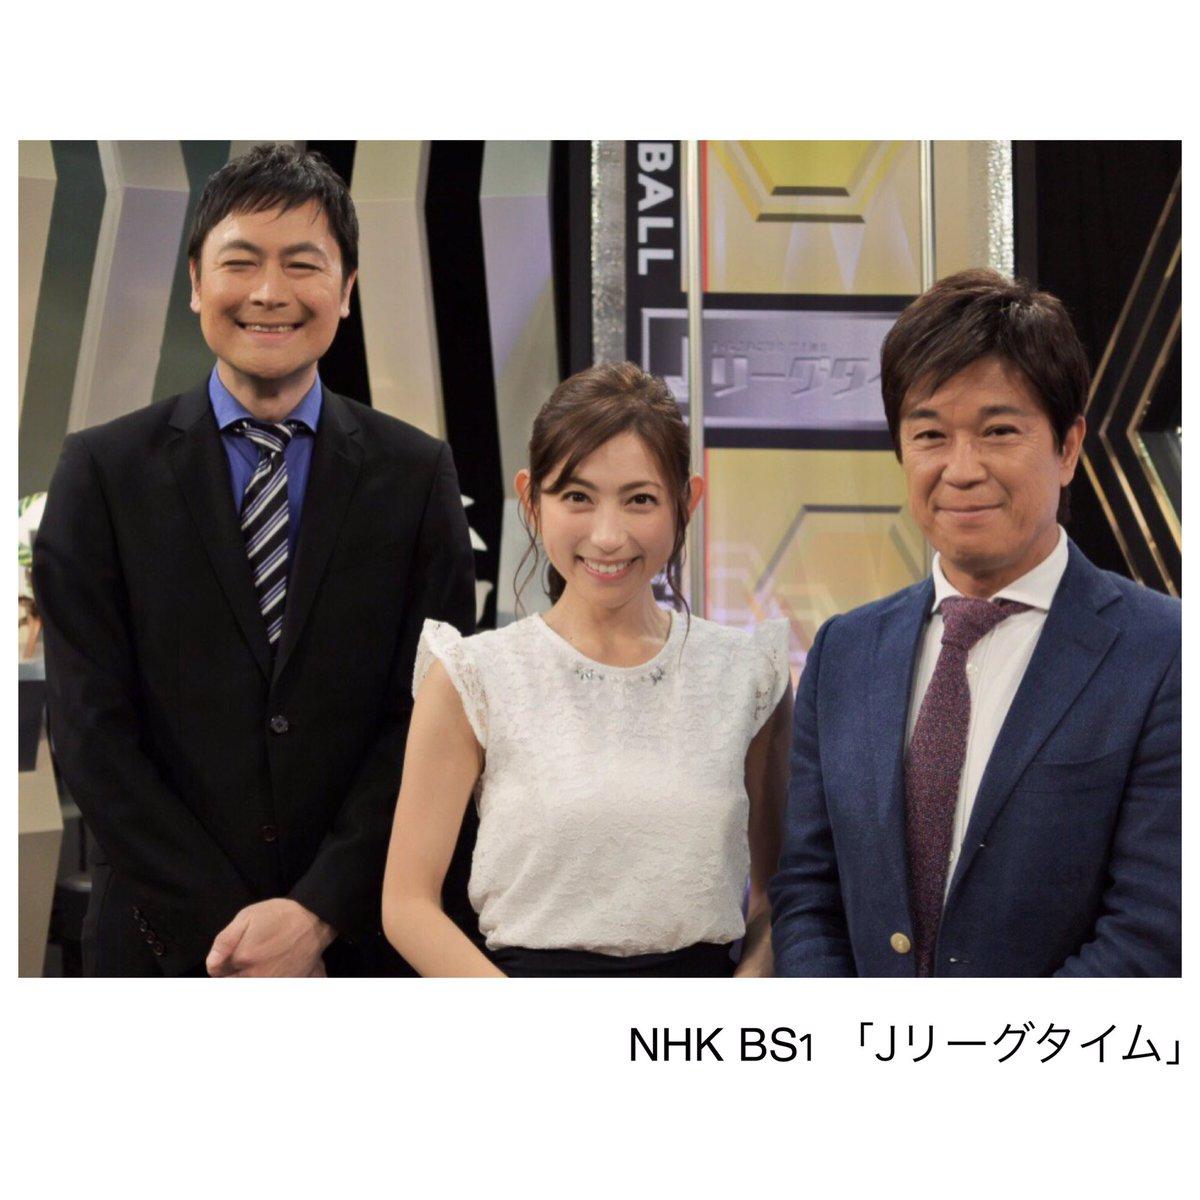 Jリーグタイム本番後Nikonのカメラで皆で写真を撮ろうとすると… 「いいカメラだね」と早野さん 「最近レンズ替えてwこれだと背景がキレイにボケるんです(^-^)」と説明したら「オレみたいじゃん!w」と早野さん。昨日一番笑いましたw https://t.co/9yyr3hP0vX